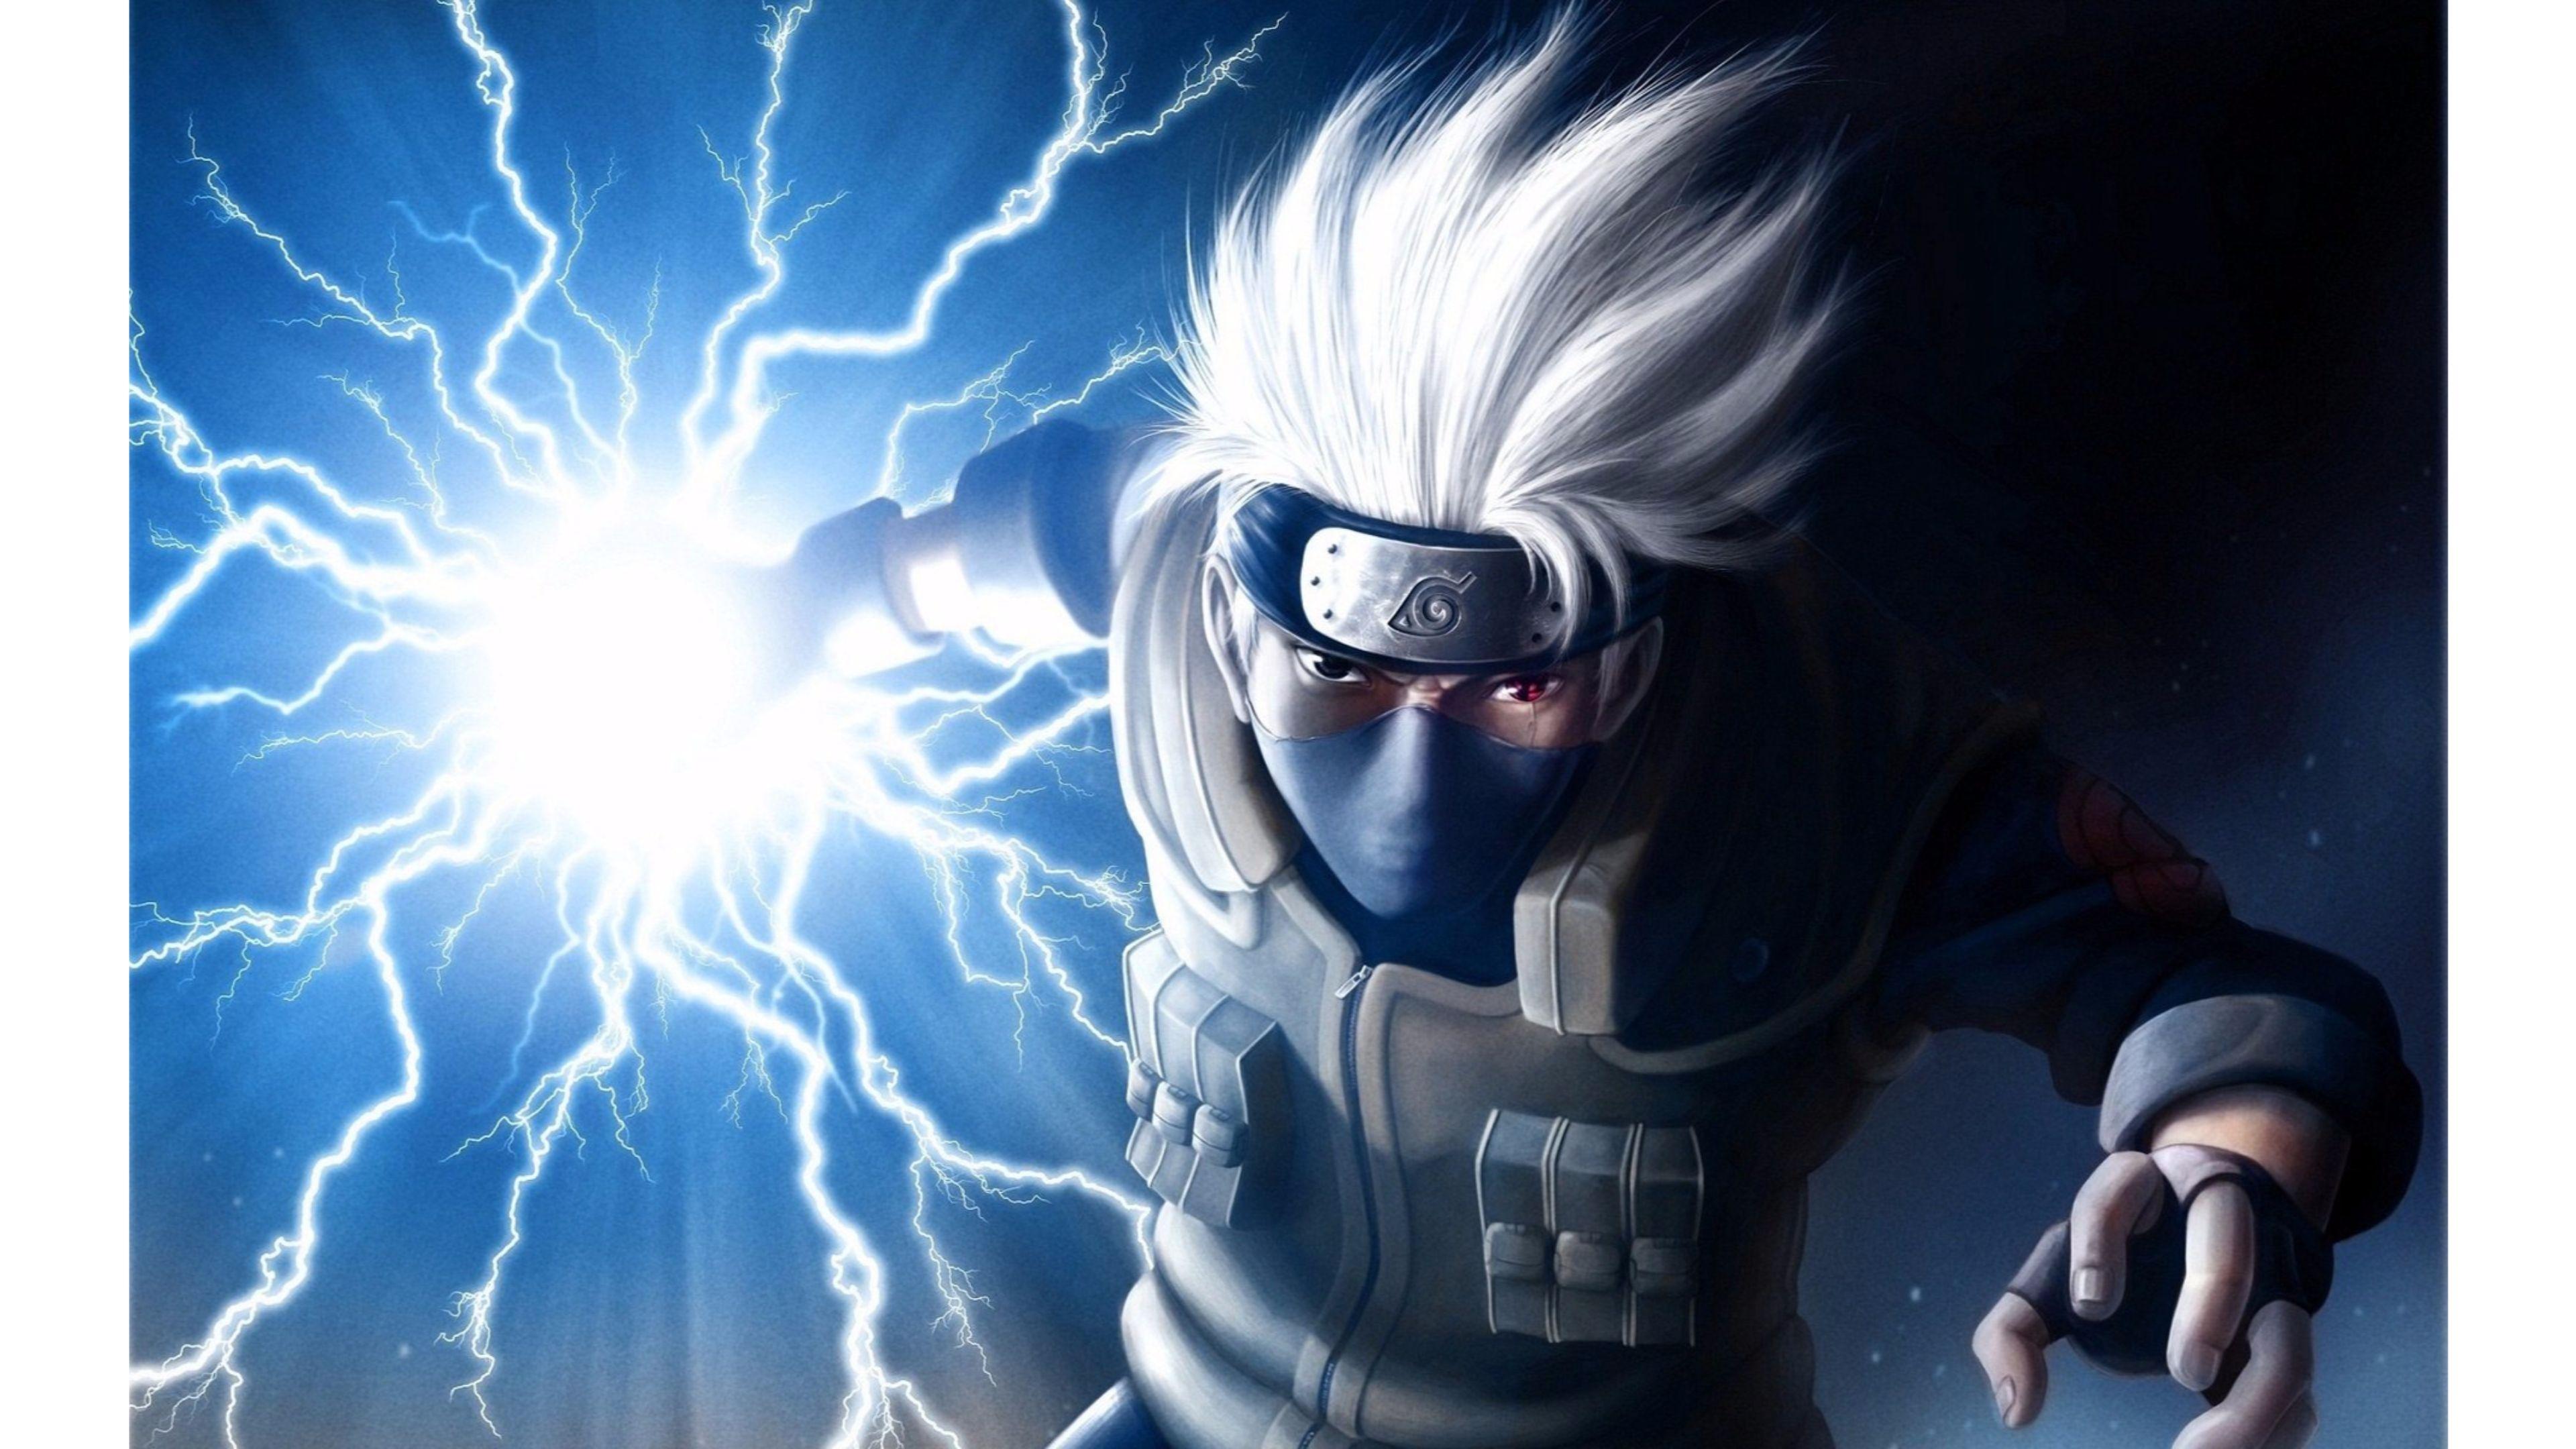 Lightning 2016 4K Anime Wallpaper 4K Wallpaper 3840x2160